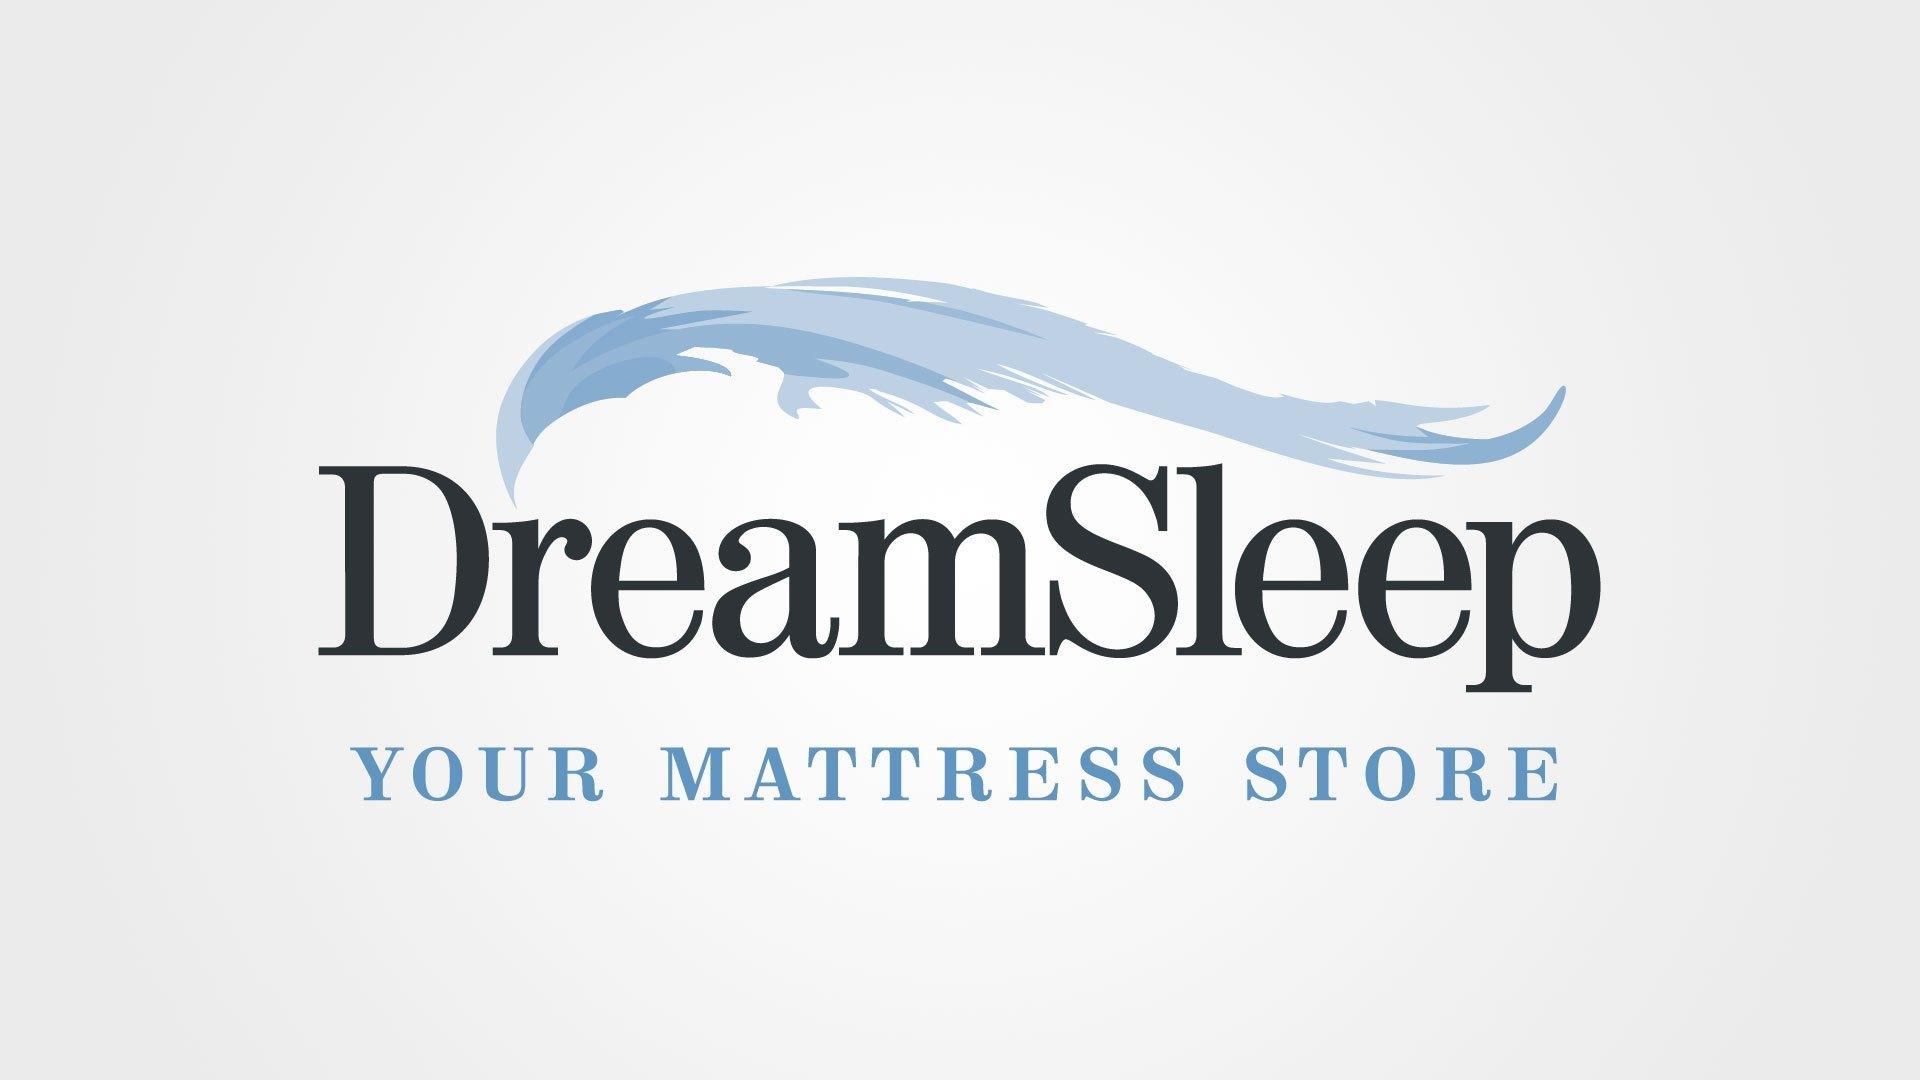 Dreamsleep